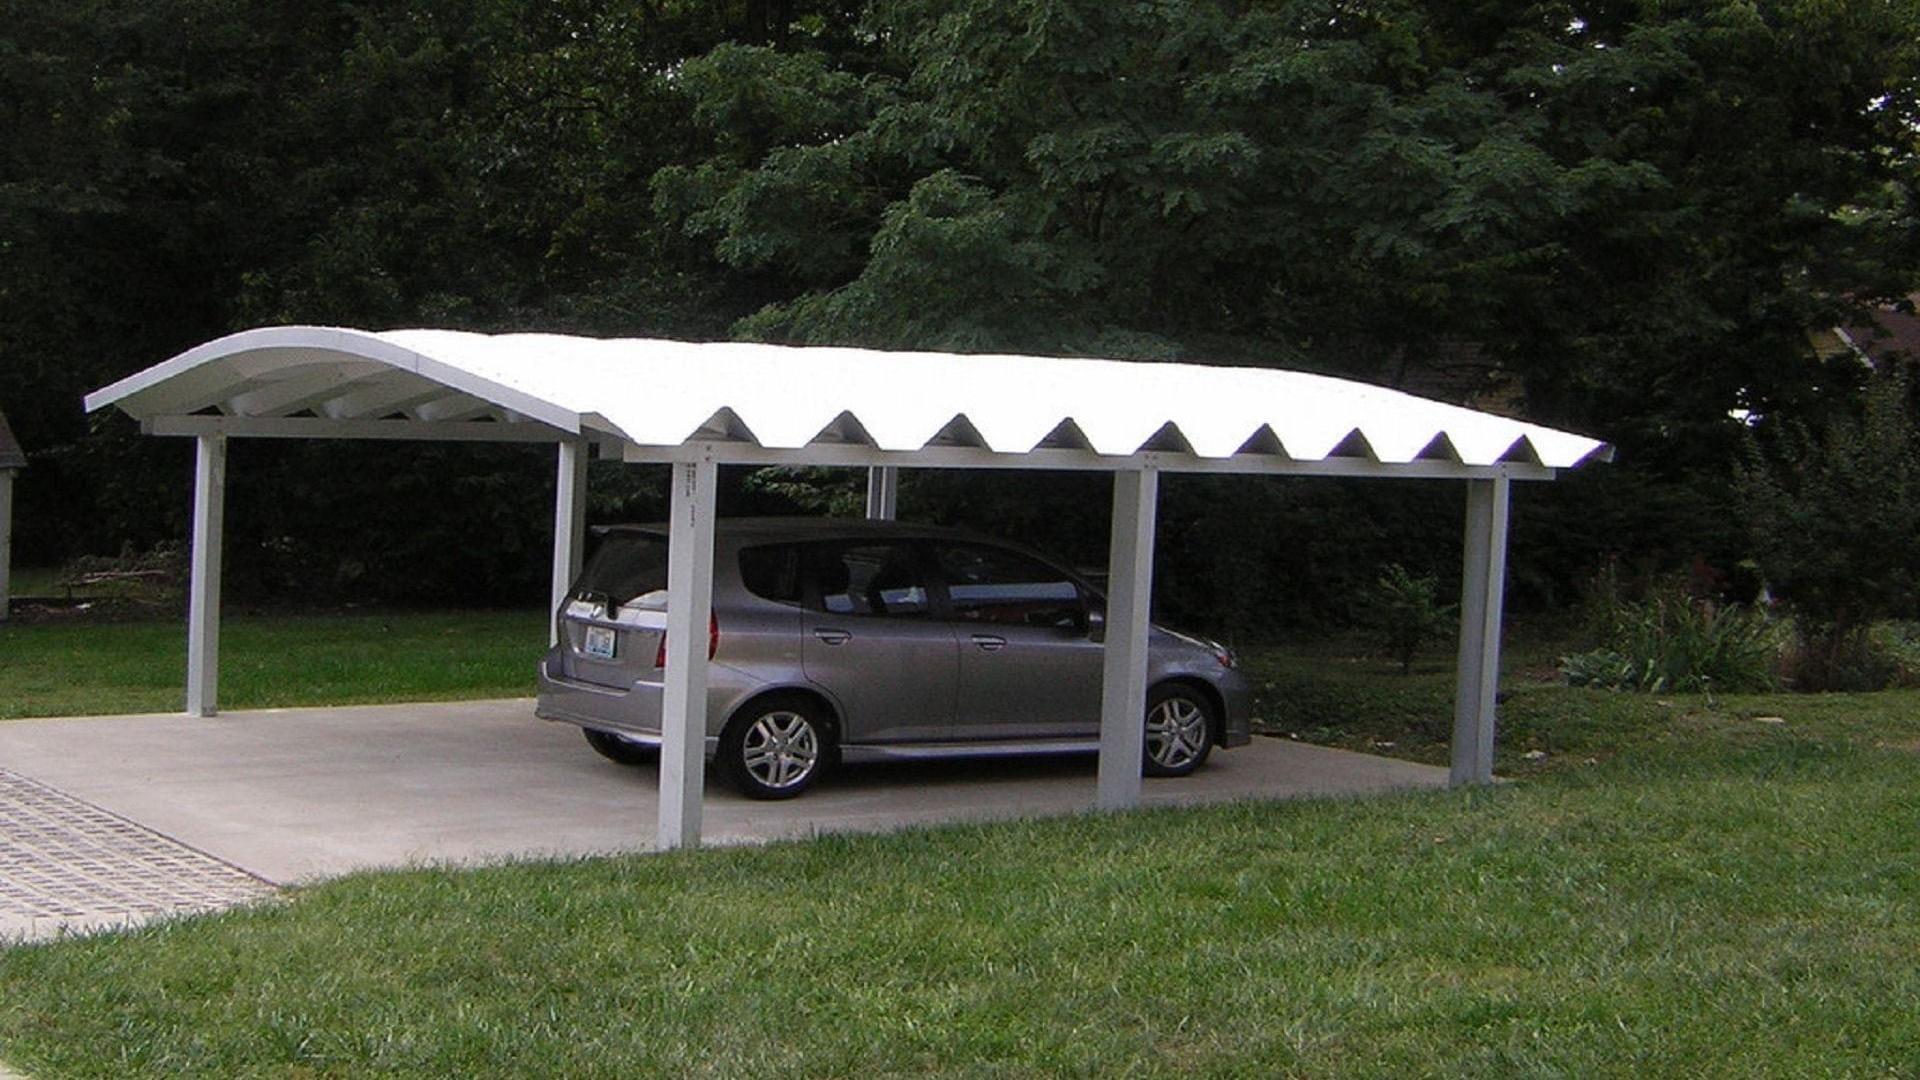 I migliori 20 installatori di tettoie per auto a bergamo for Cassapanche in legno per esterno